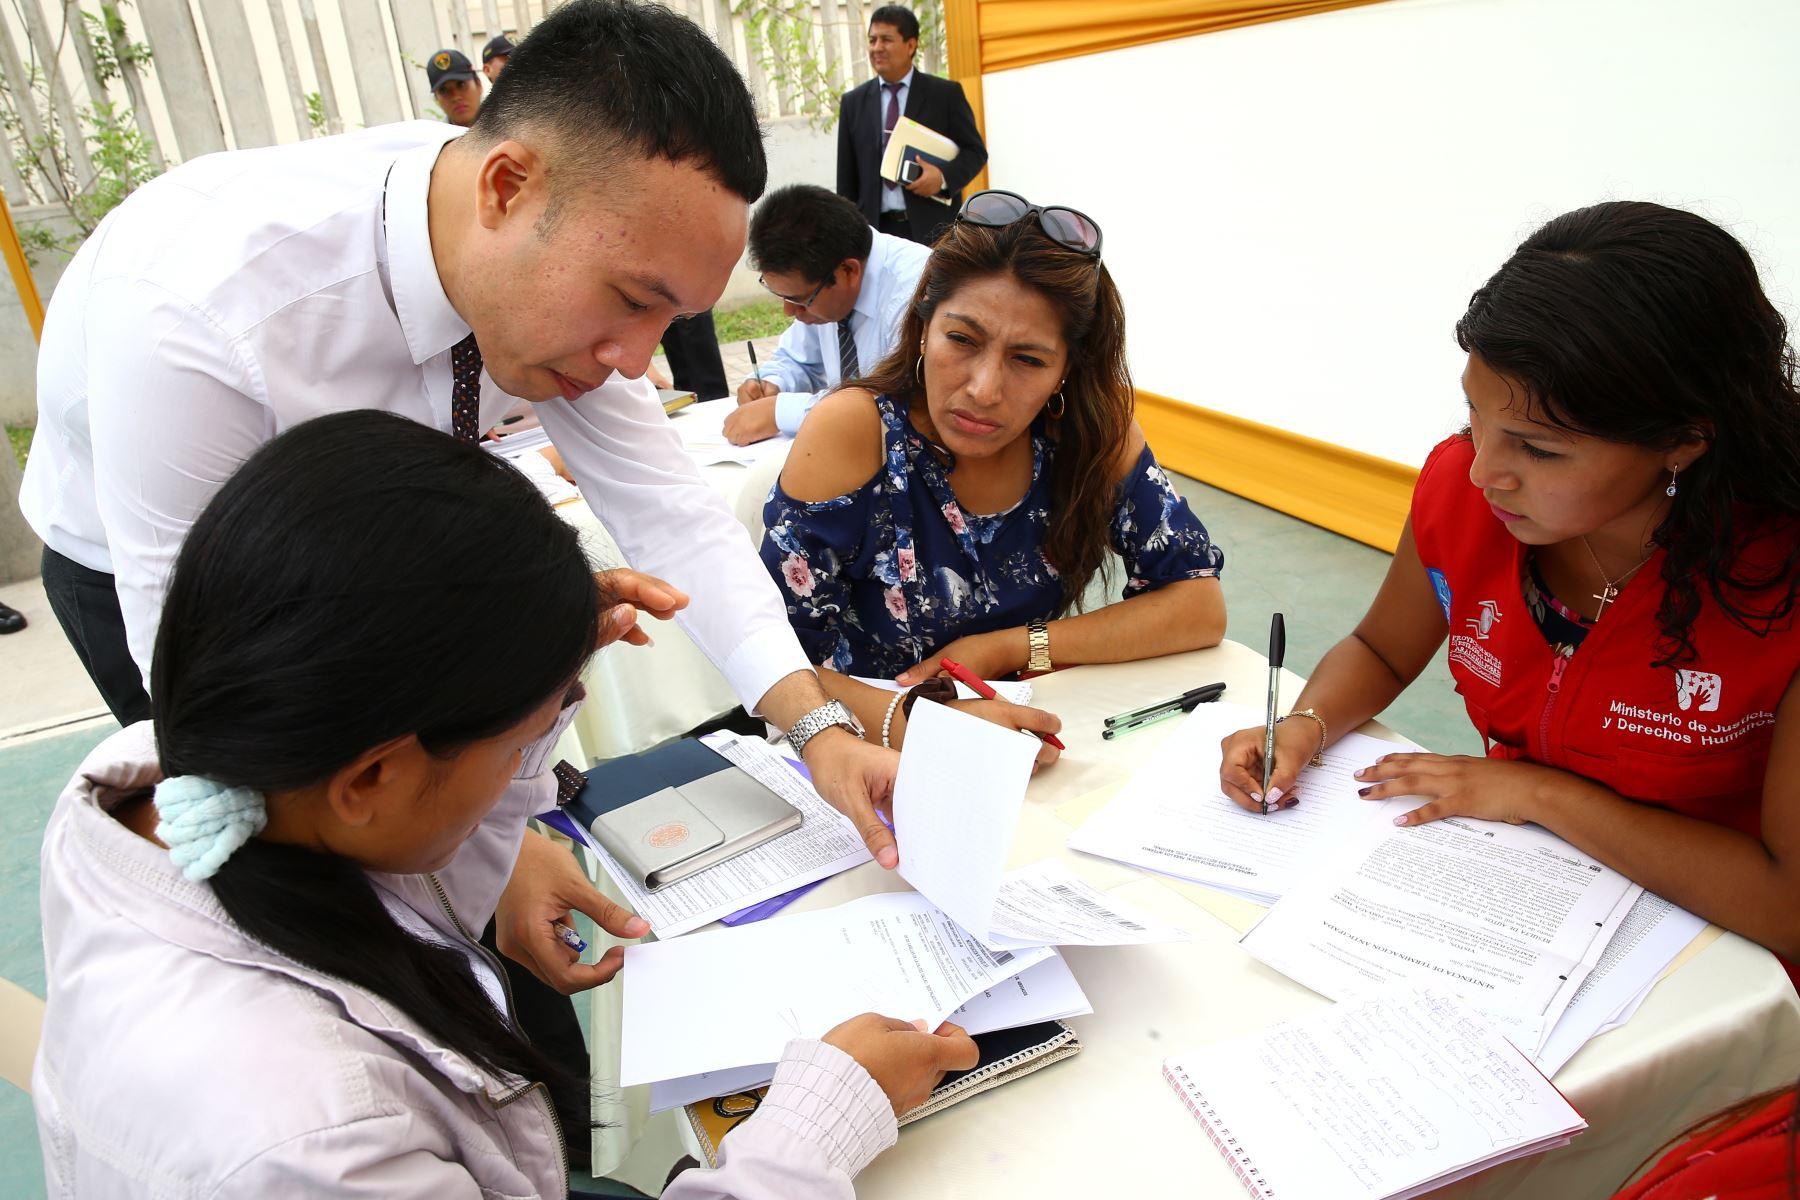 LIMA PERÚ - FEBRERO 22. Cónsul de Tailandia supervisa asesoría legal que los defensores públicos del Ministerio de Justicia ofrece a interna tailandesa. Foto: ANDINA/Melina Mejía